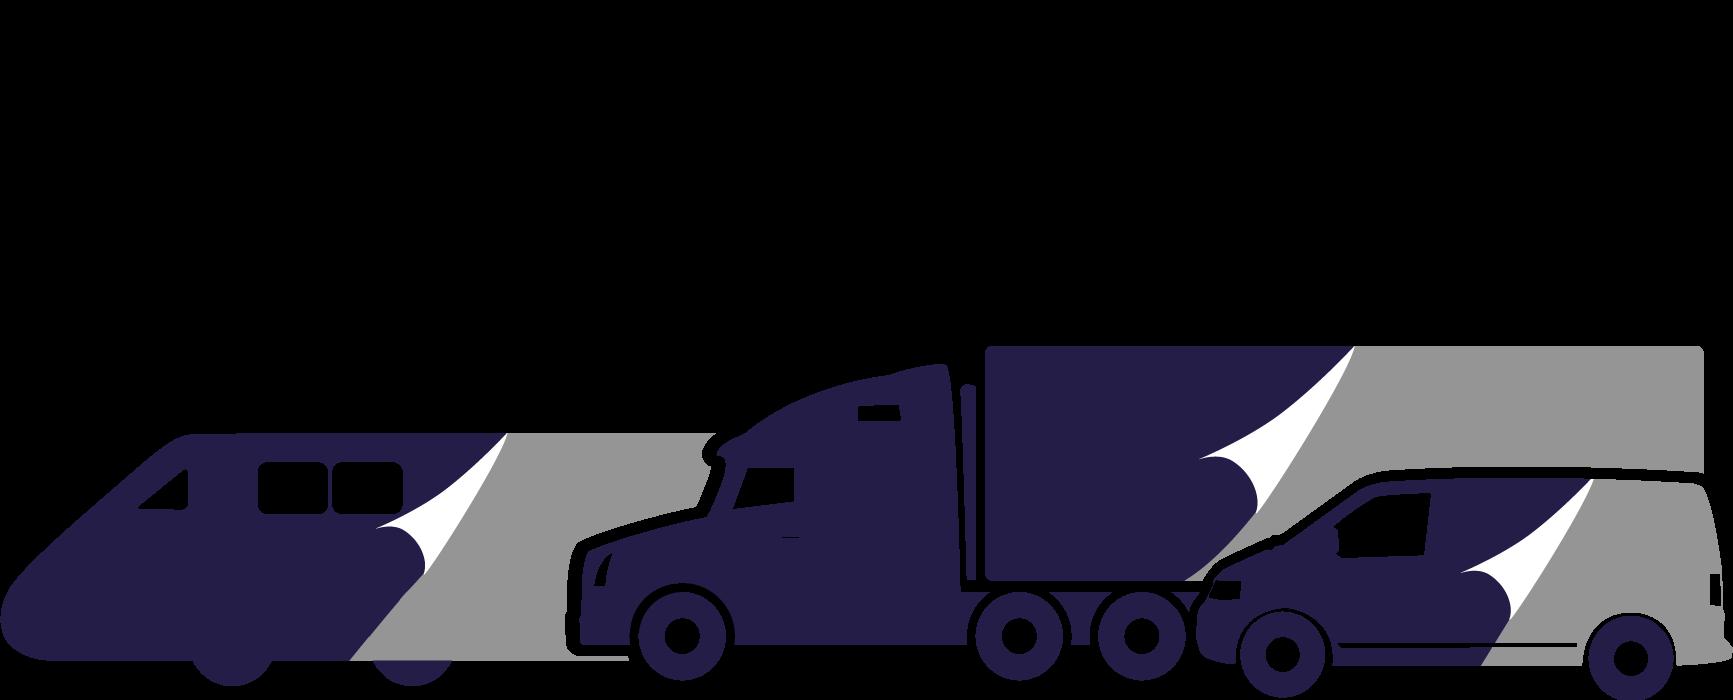 voertuigreclame